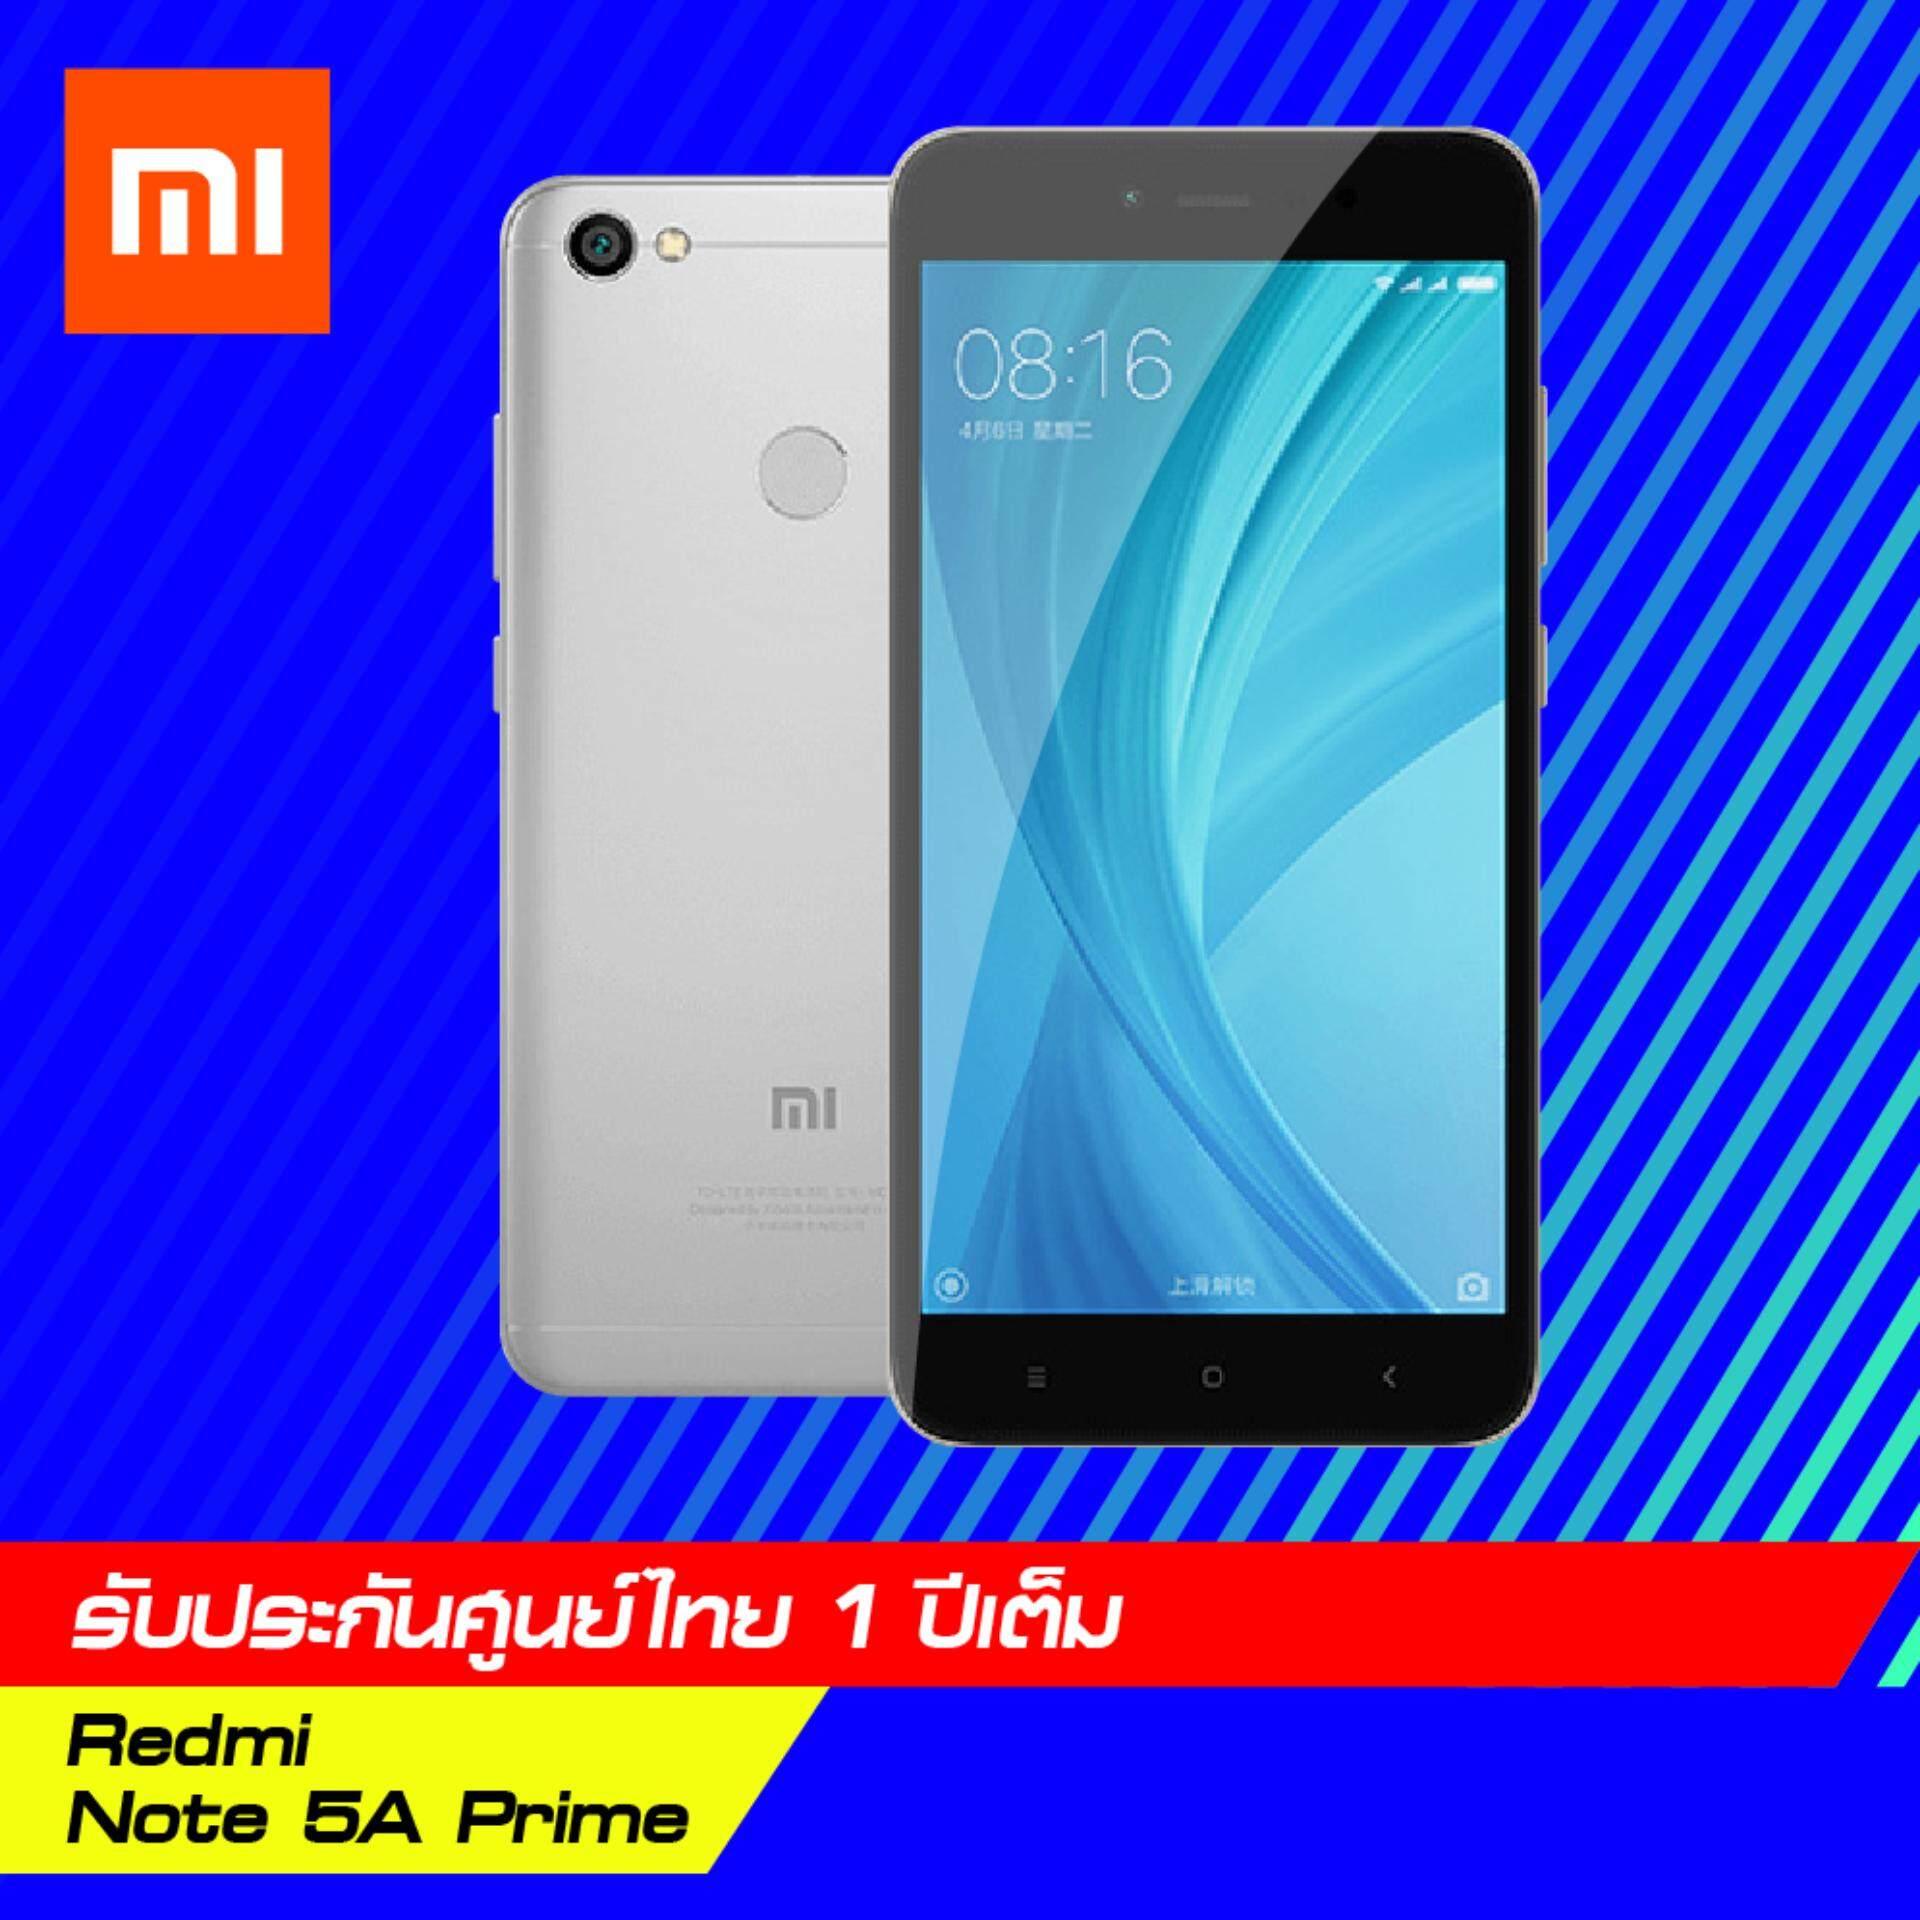 ราคา Xiaomi Redmi Note 5A Prime 3 32Gb พร้อมฟิล์มกันรอย มูลค่า 199 รับประกันศูนย์ไทย 1 ปีเต็ม